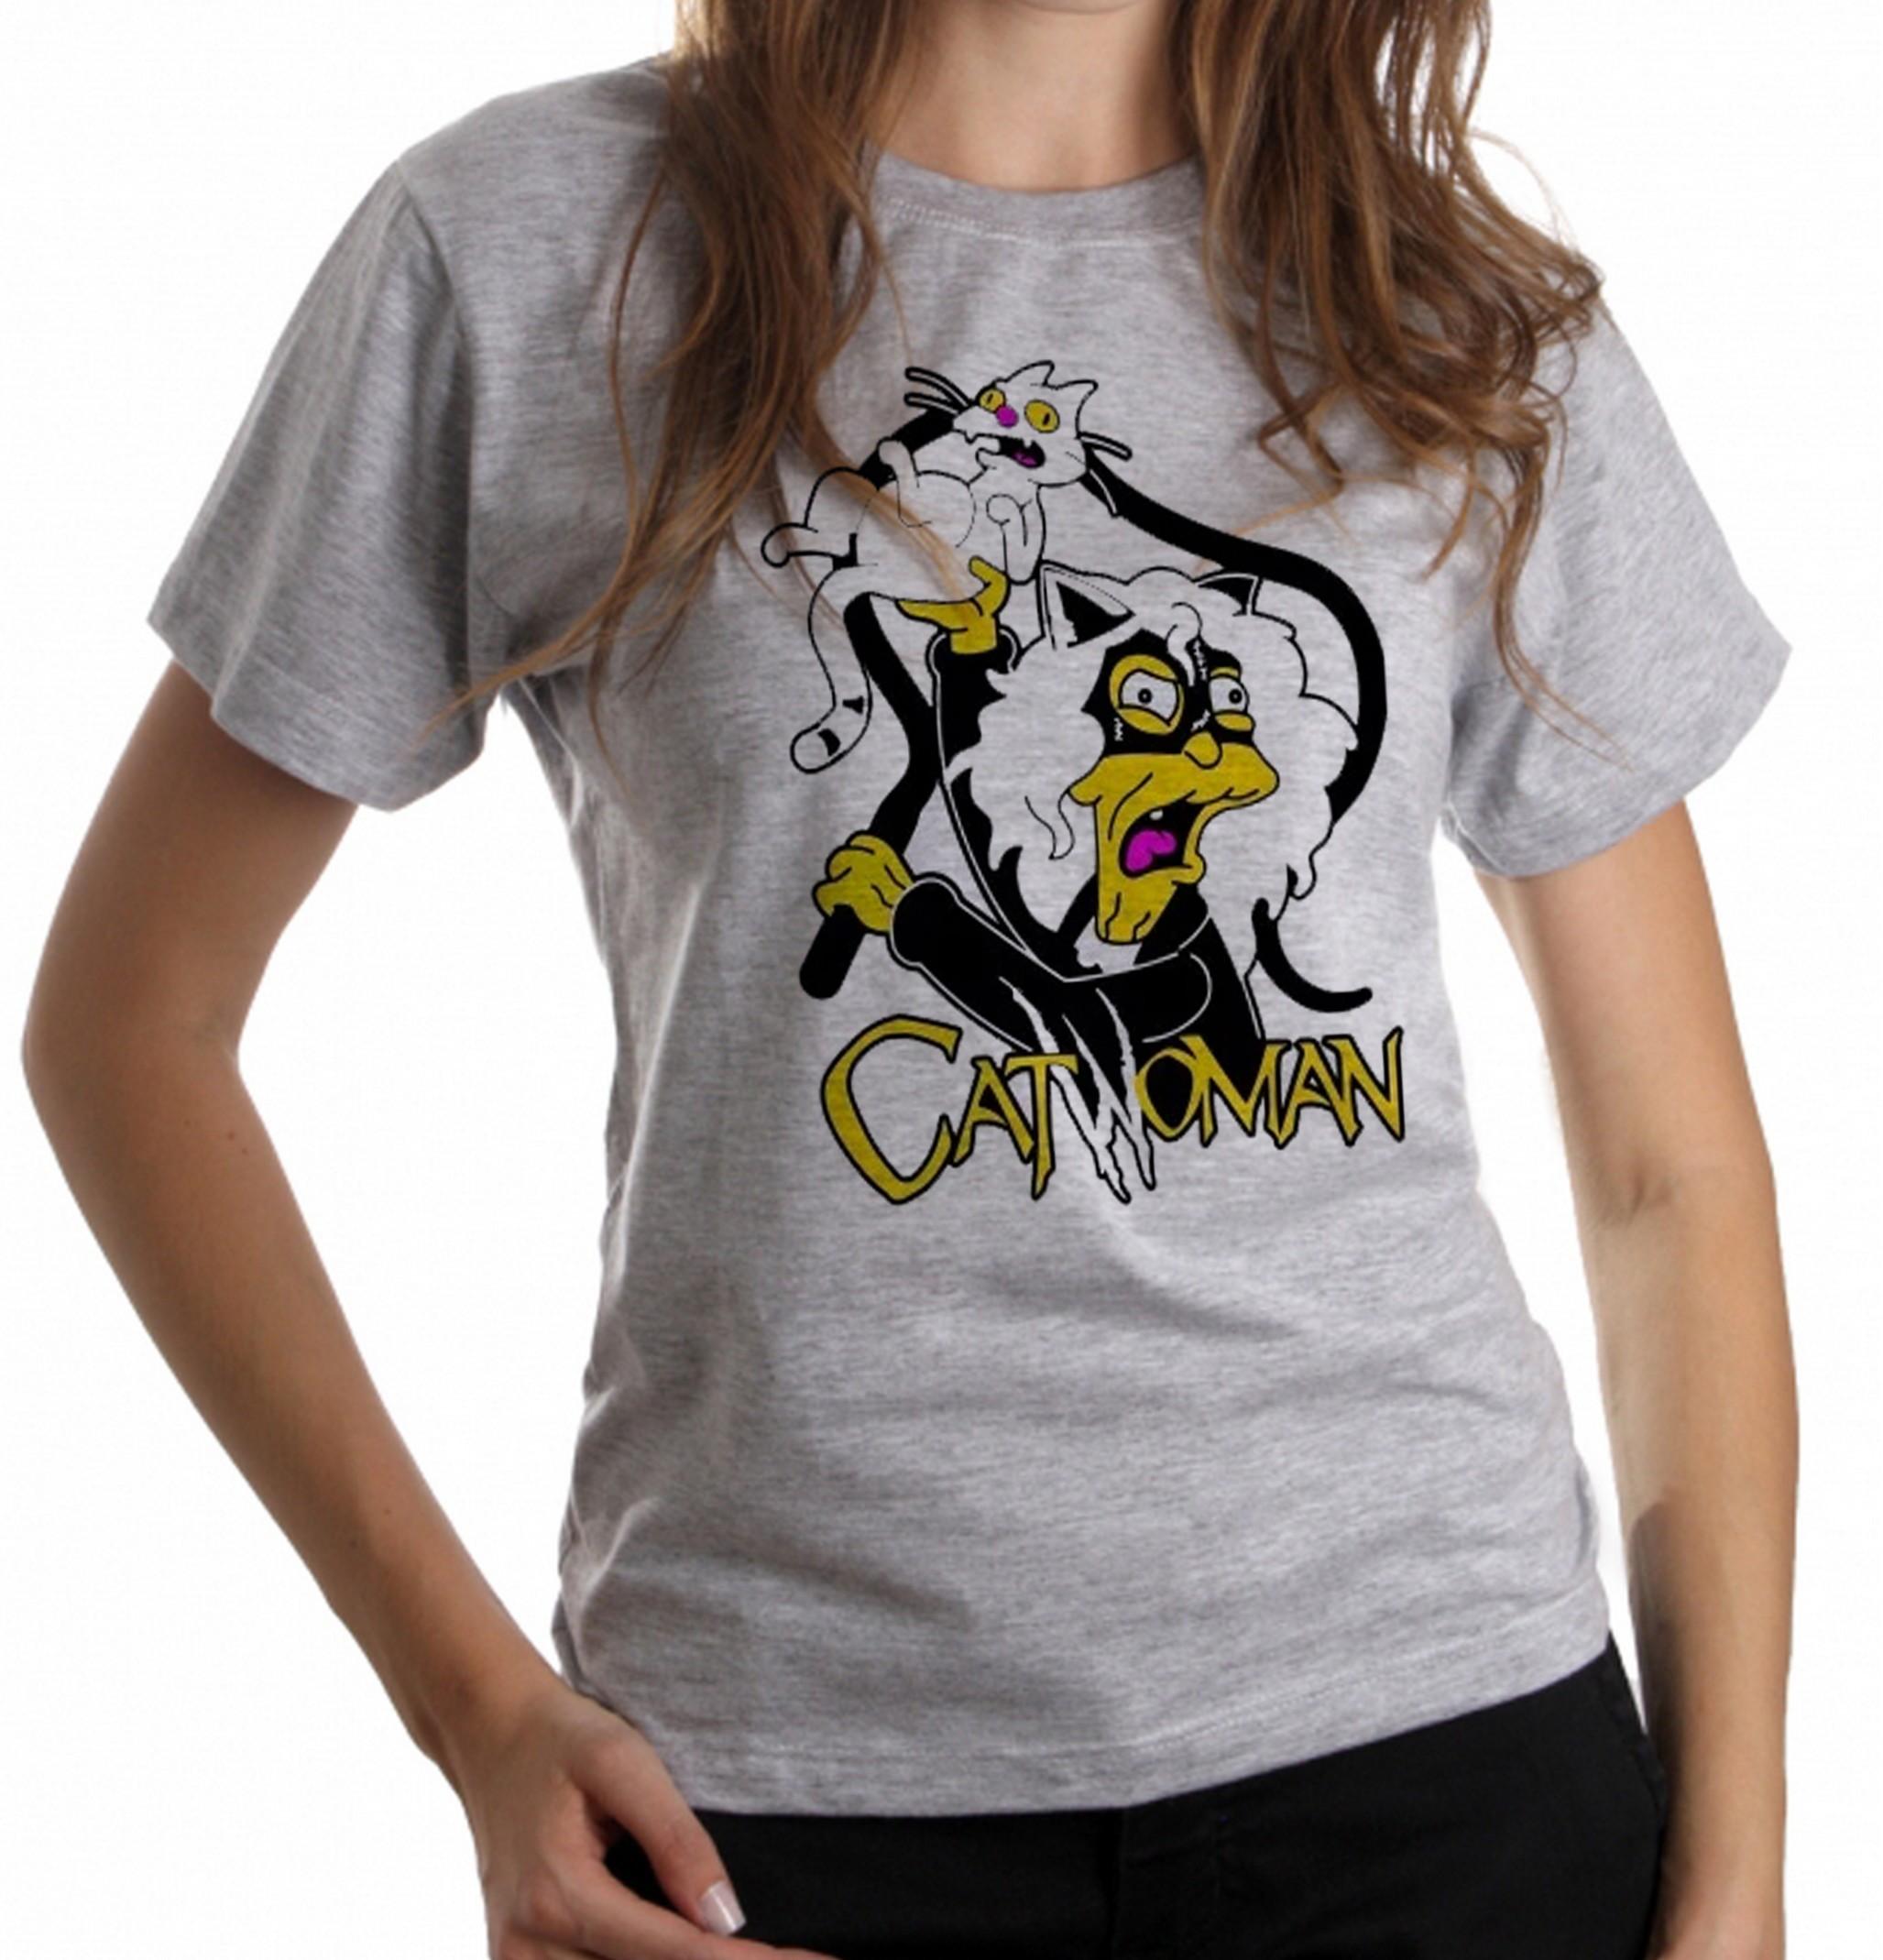 a7596fdae blusa feminina baby look simpsons catwoman veia gatos cat no Elo7 |  Camisetas Empório Dutra (E37D04)